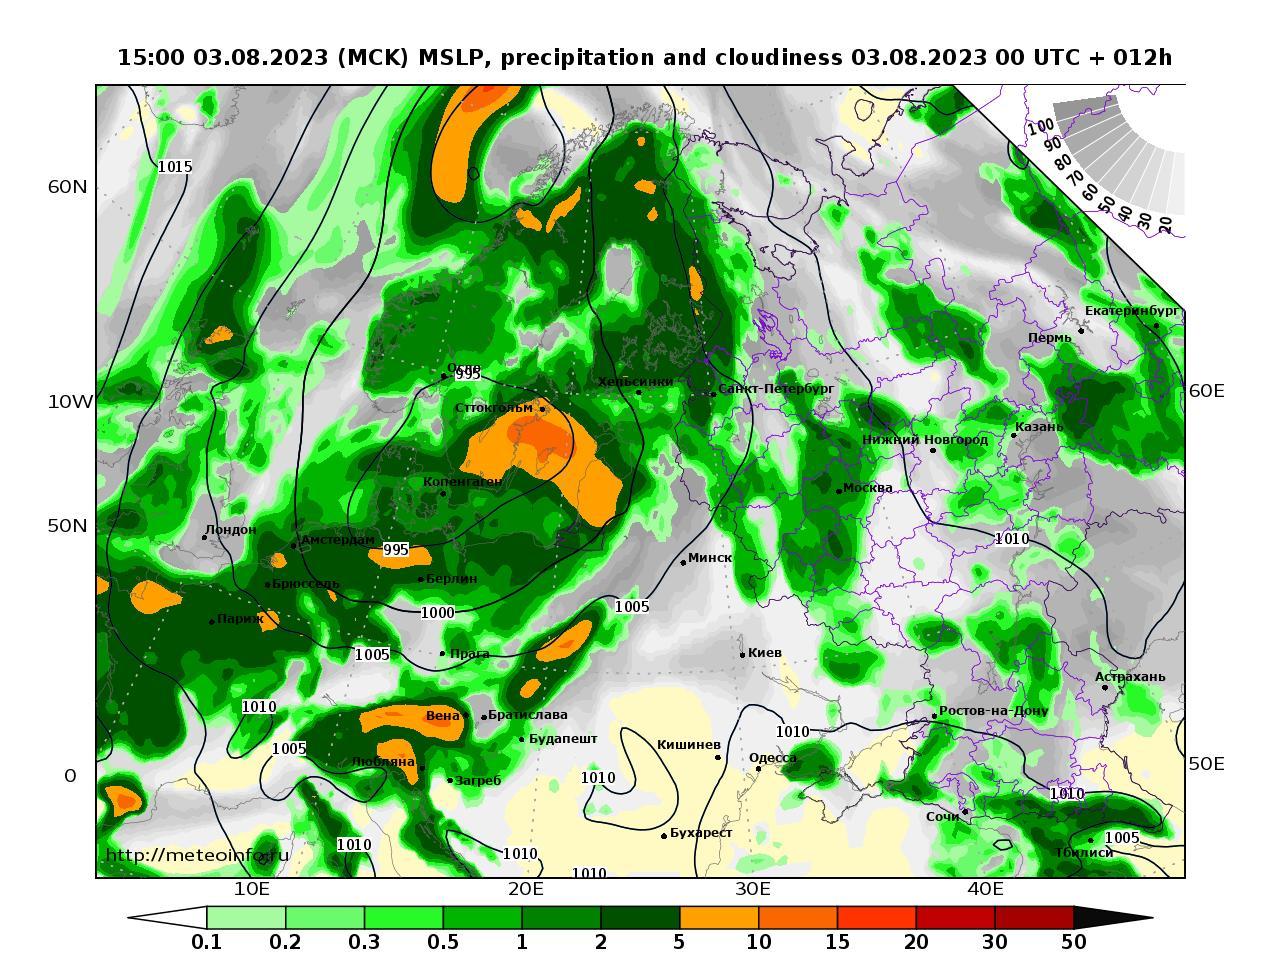 Европейская территория России, прогностическая карта осадки и давление, заблаговременность прогноза 12 часов